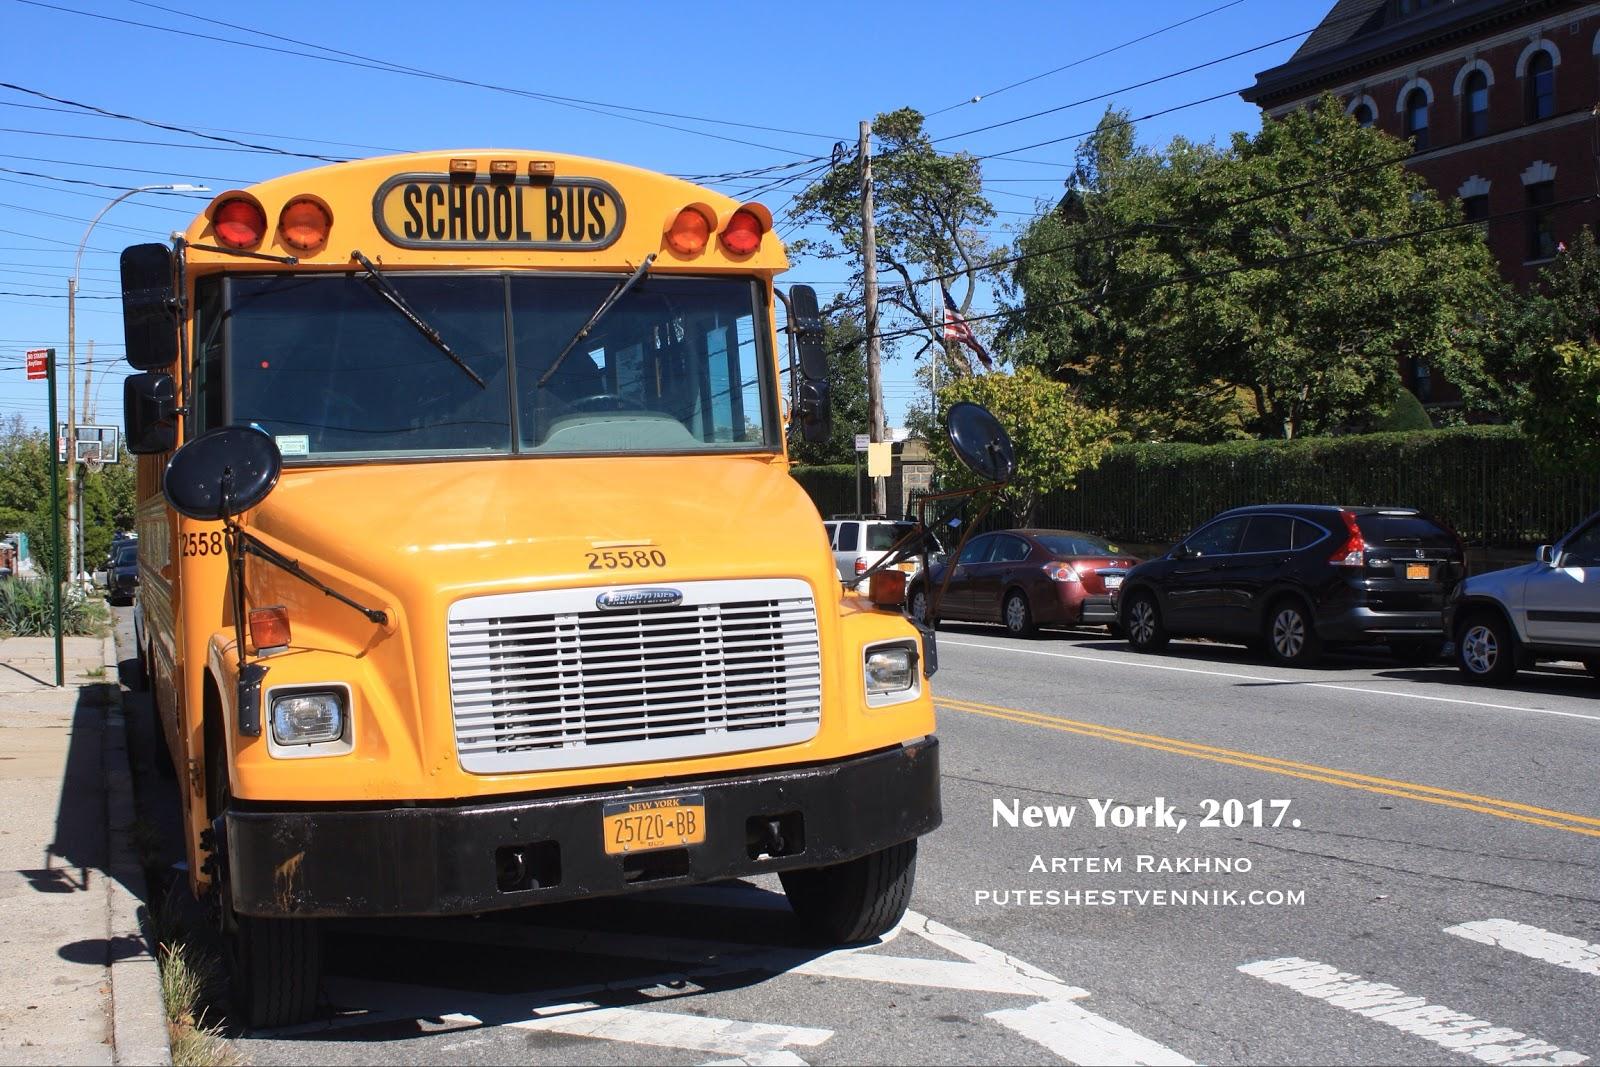 Школьный автобус в Нью-Йорке